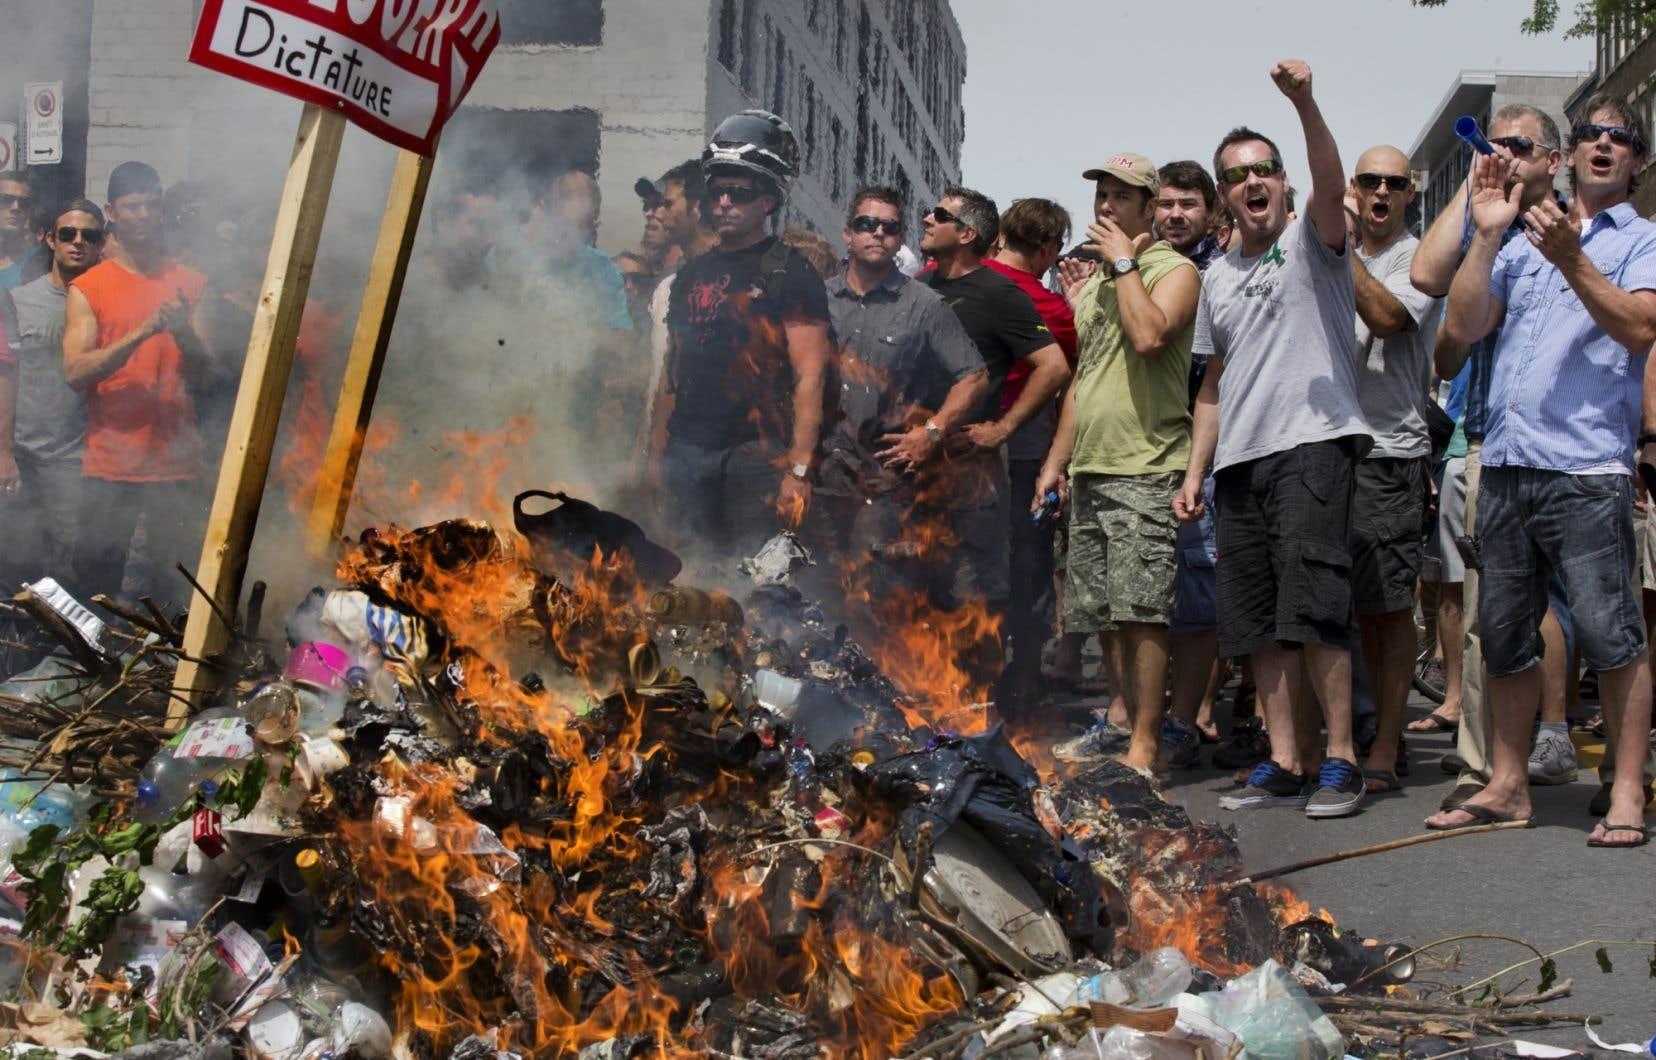 Personne ne s'attendait à ce que des syndiqués déversent un tas d'ordures pour alimenter le feu.